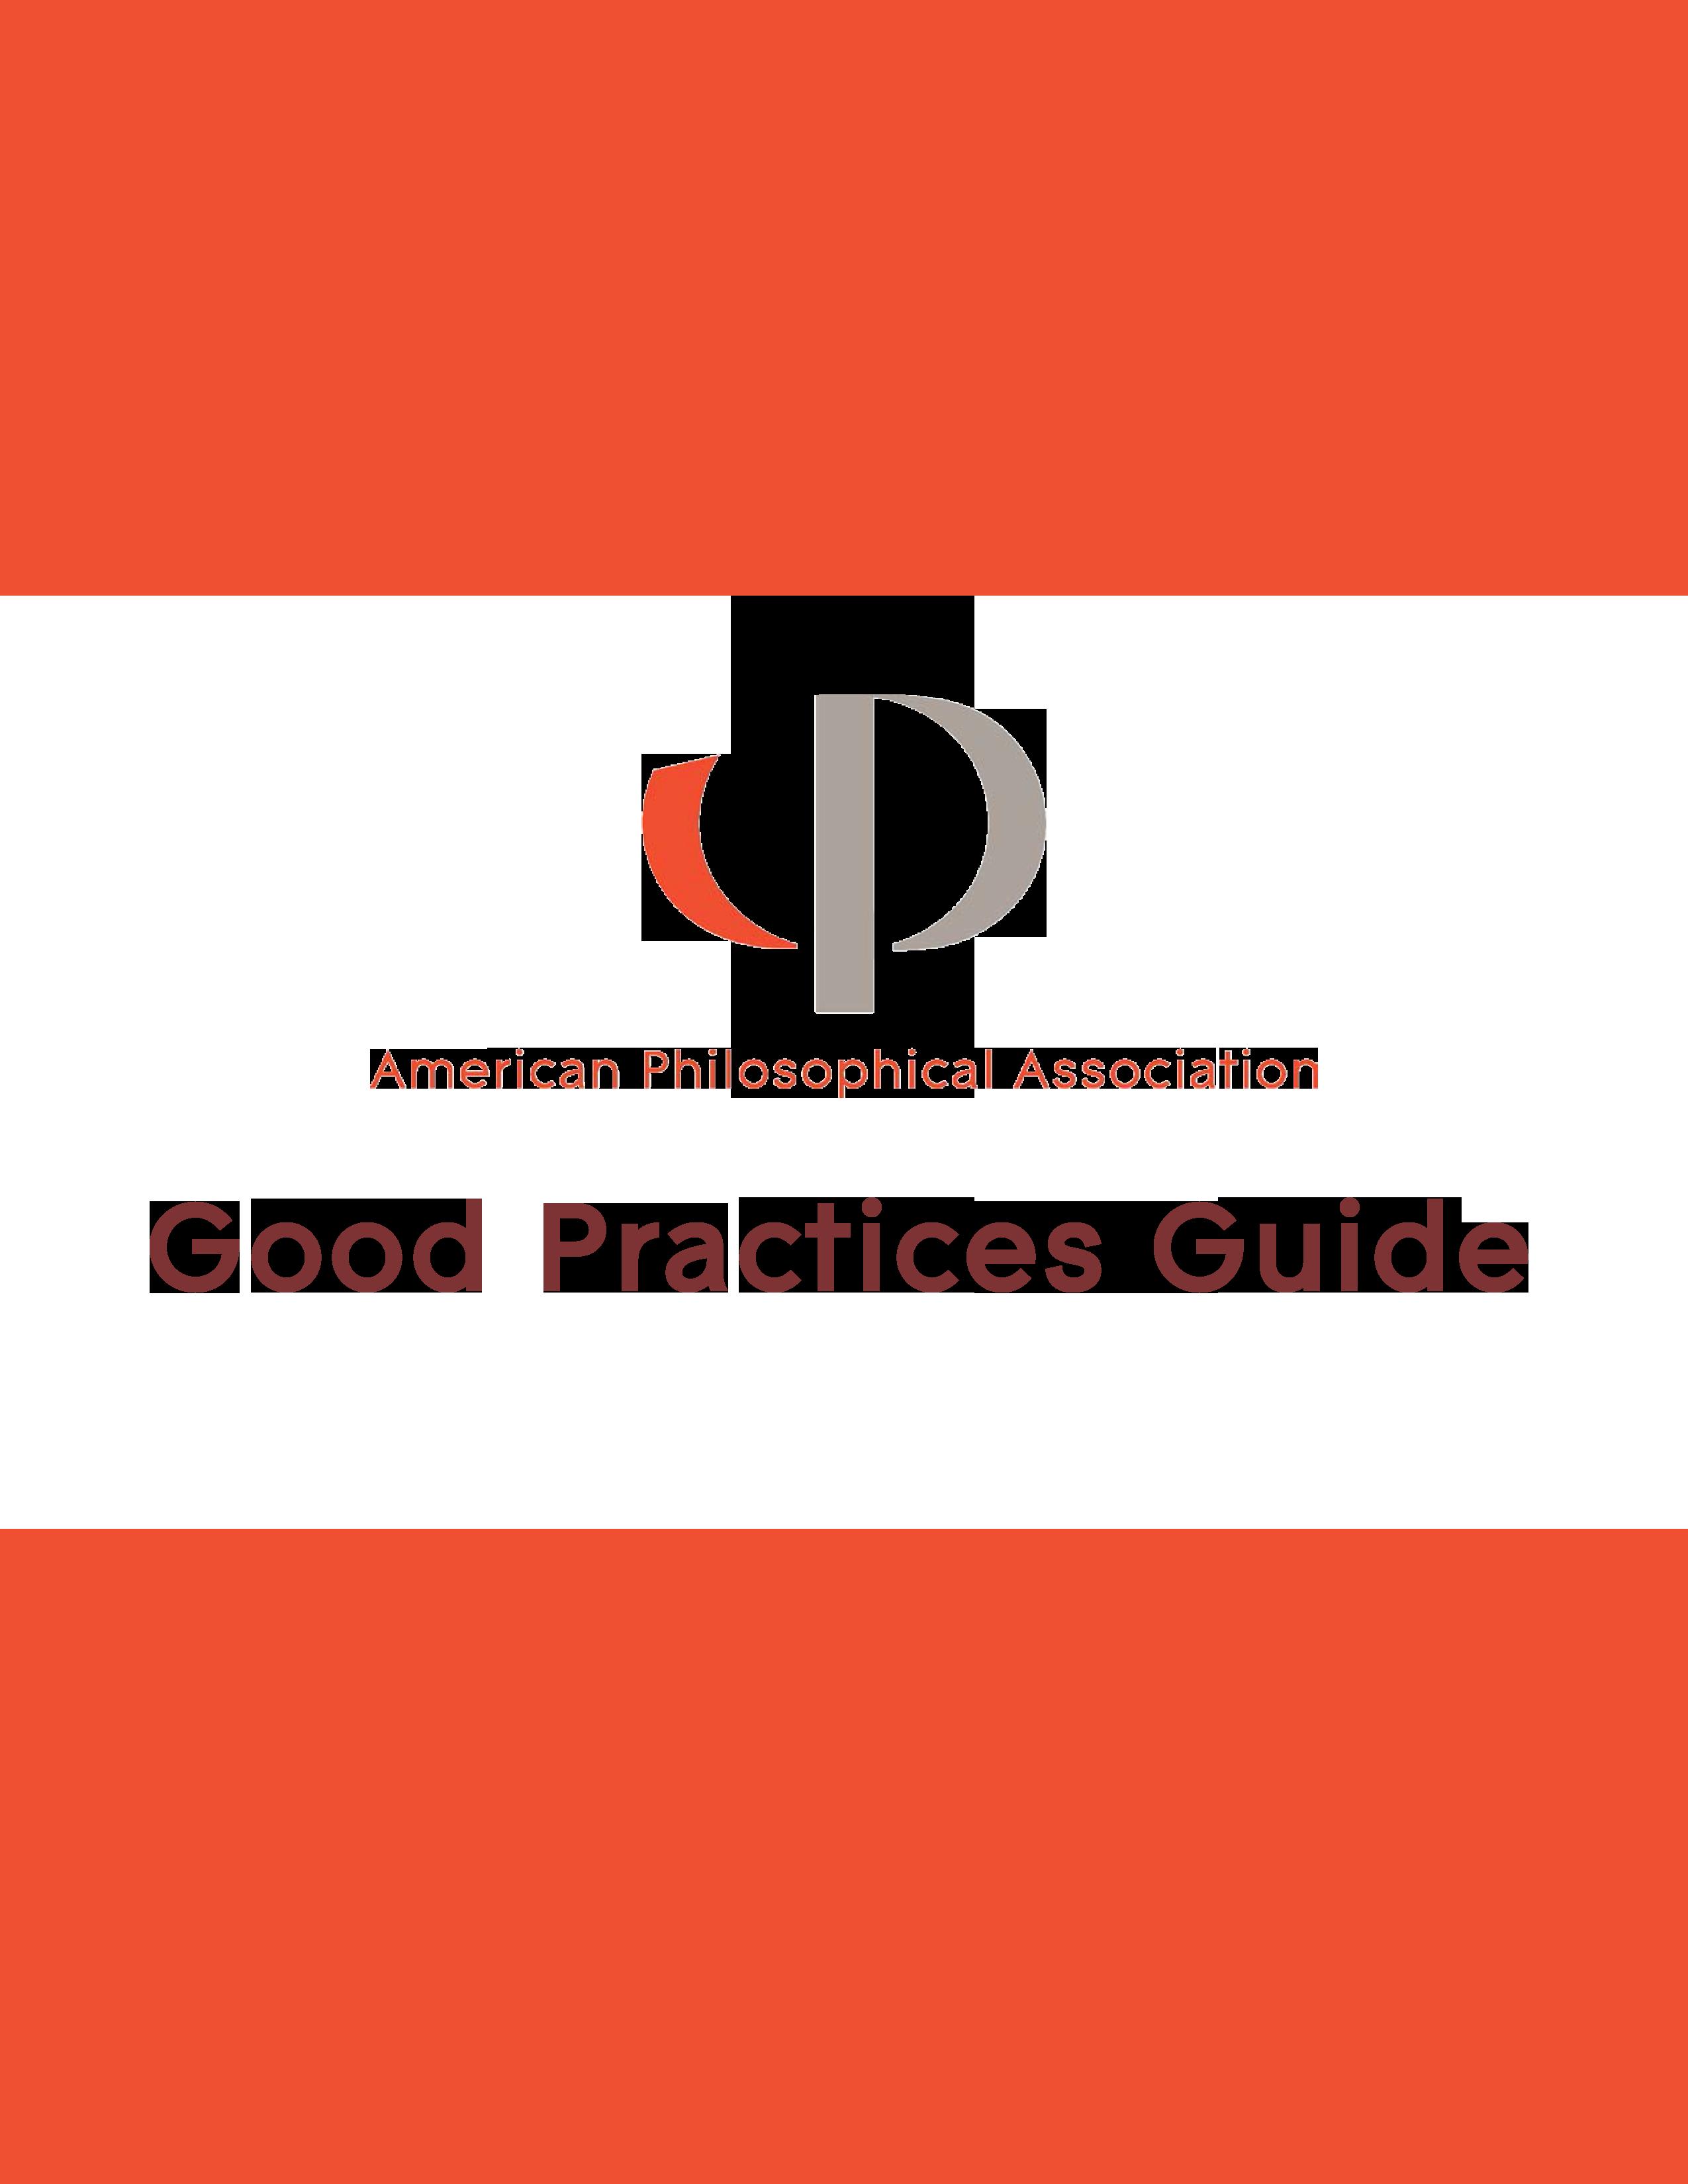 美国哲学协会发布《最佳实践指南》(图)